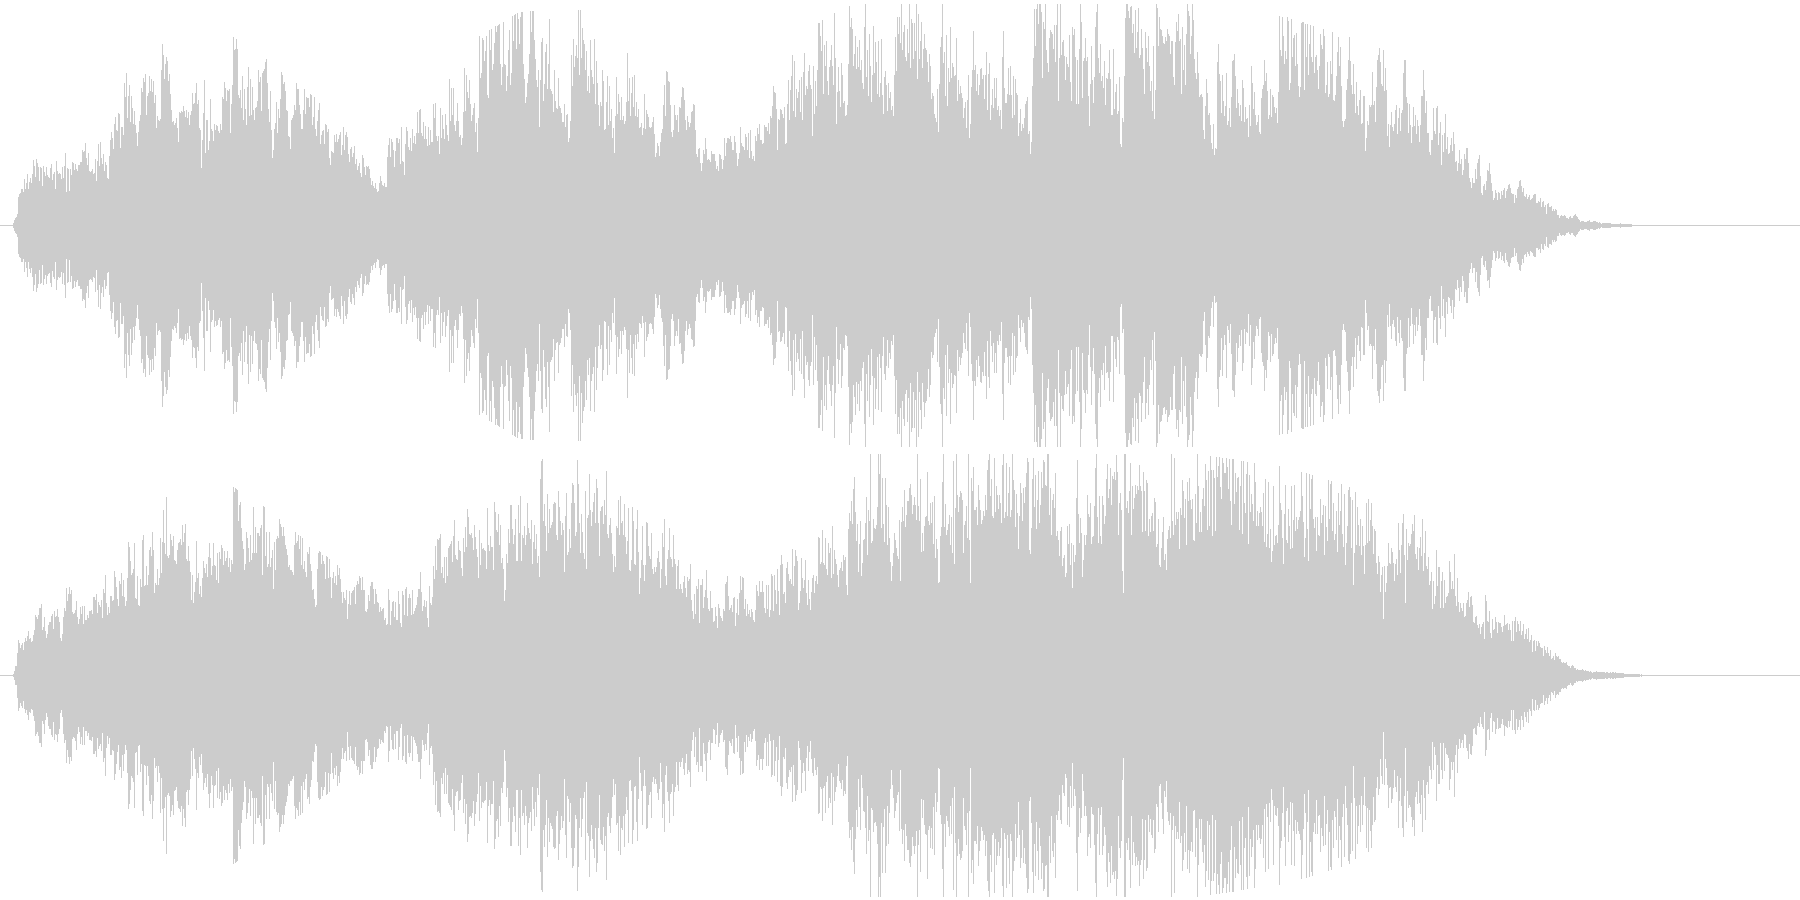 ピアノと弦楽の広大で幻想的なジングルの未再生の波形